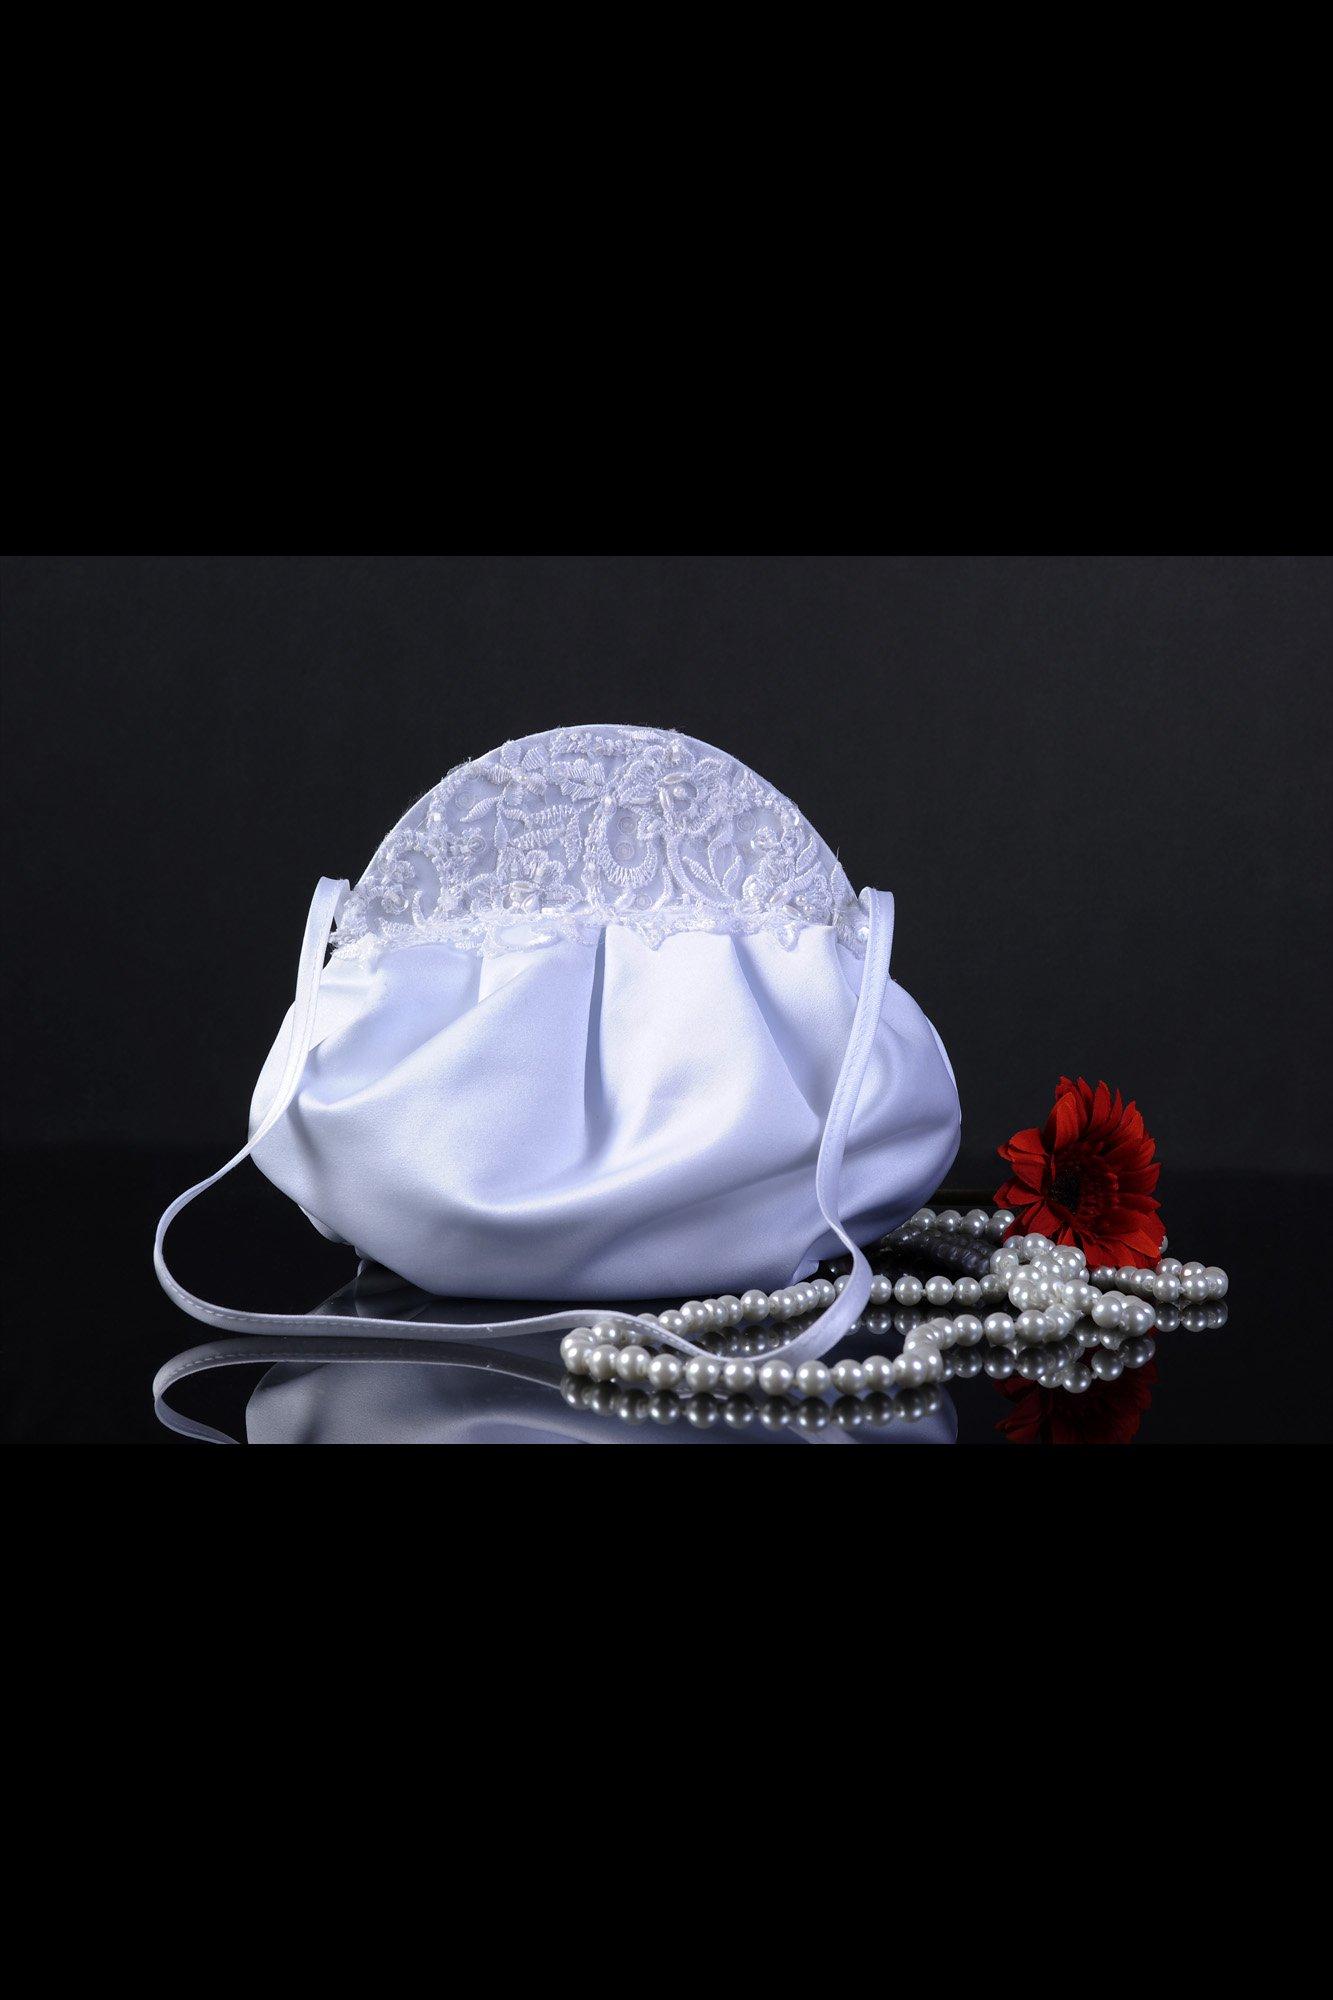 Атласная свадебная сумочка, украшенная сверху деликатным тонким кружевом.